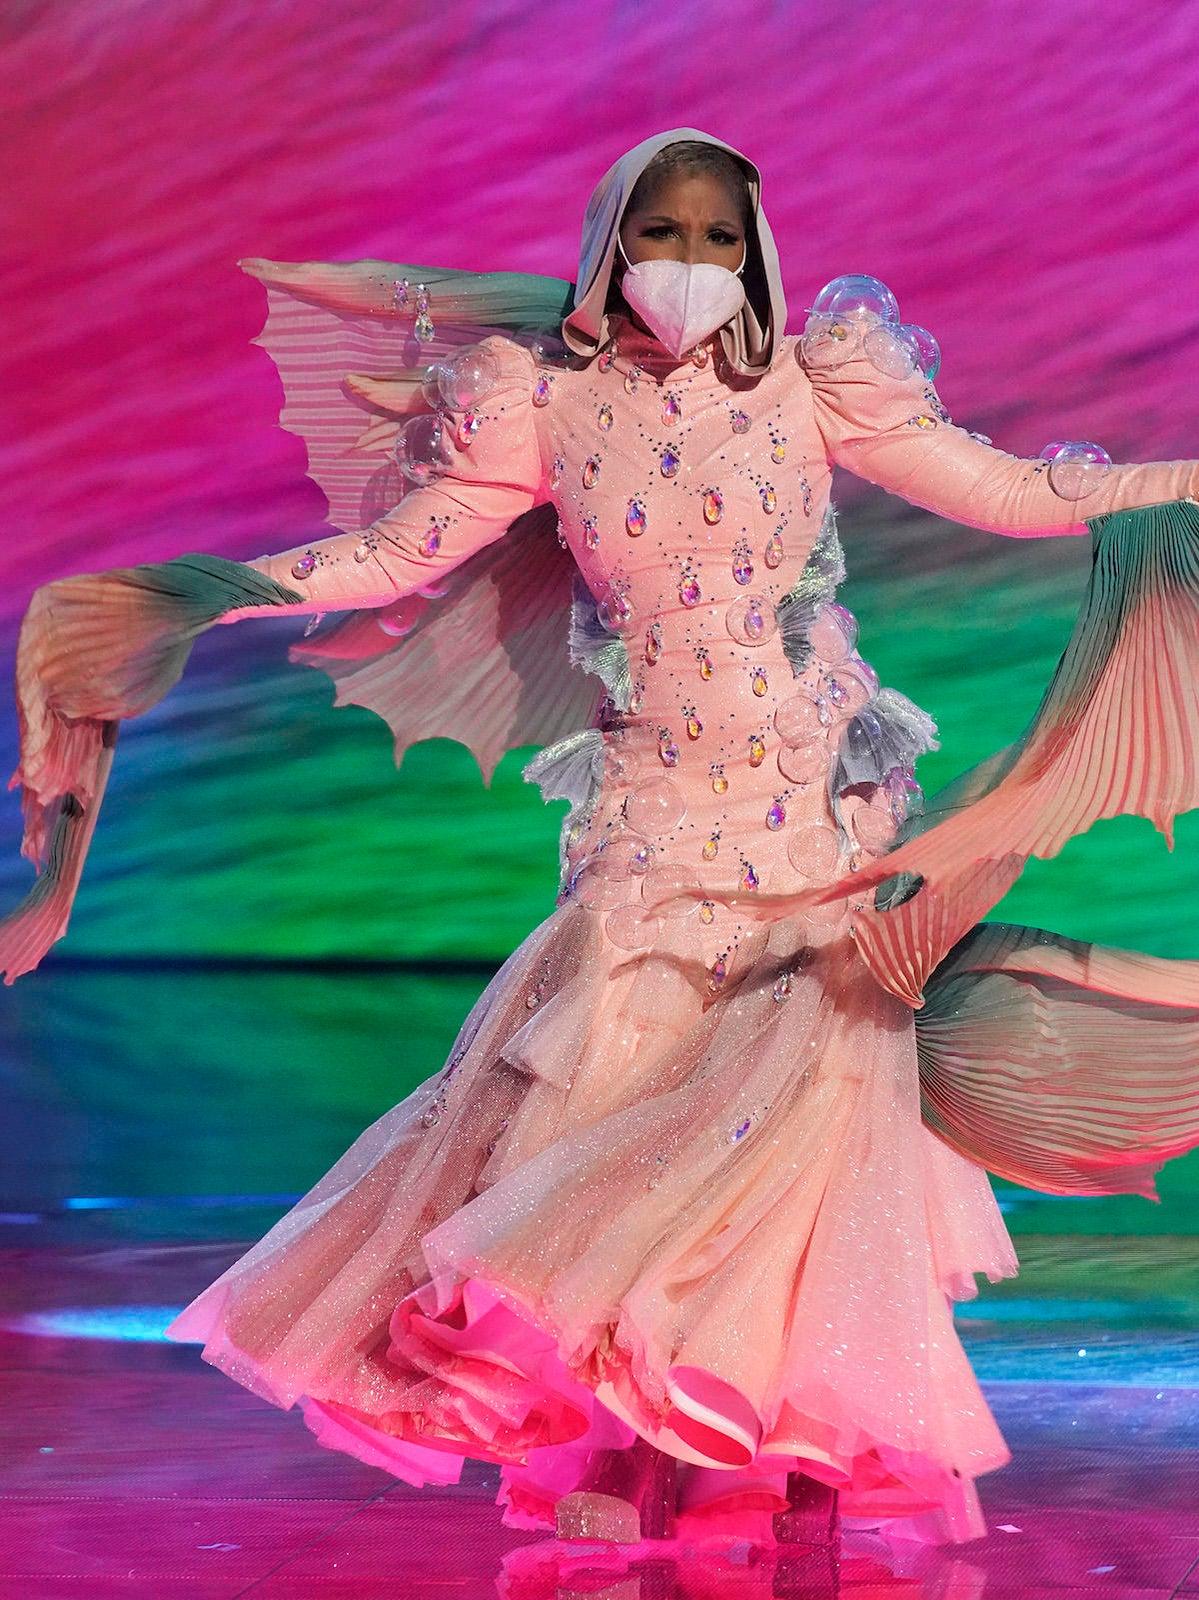 masked-singer-puffer-fish-toni-braxton.jpg